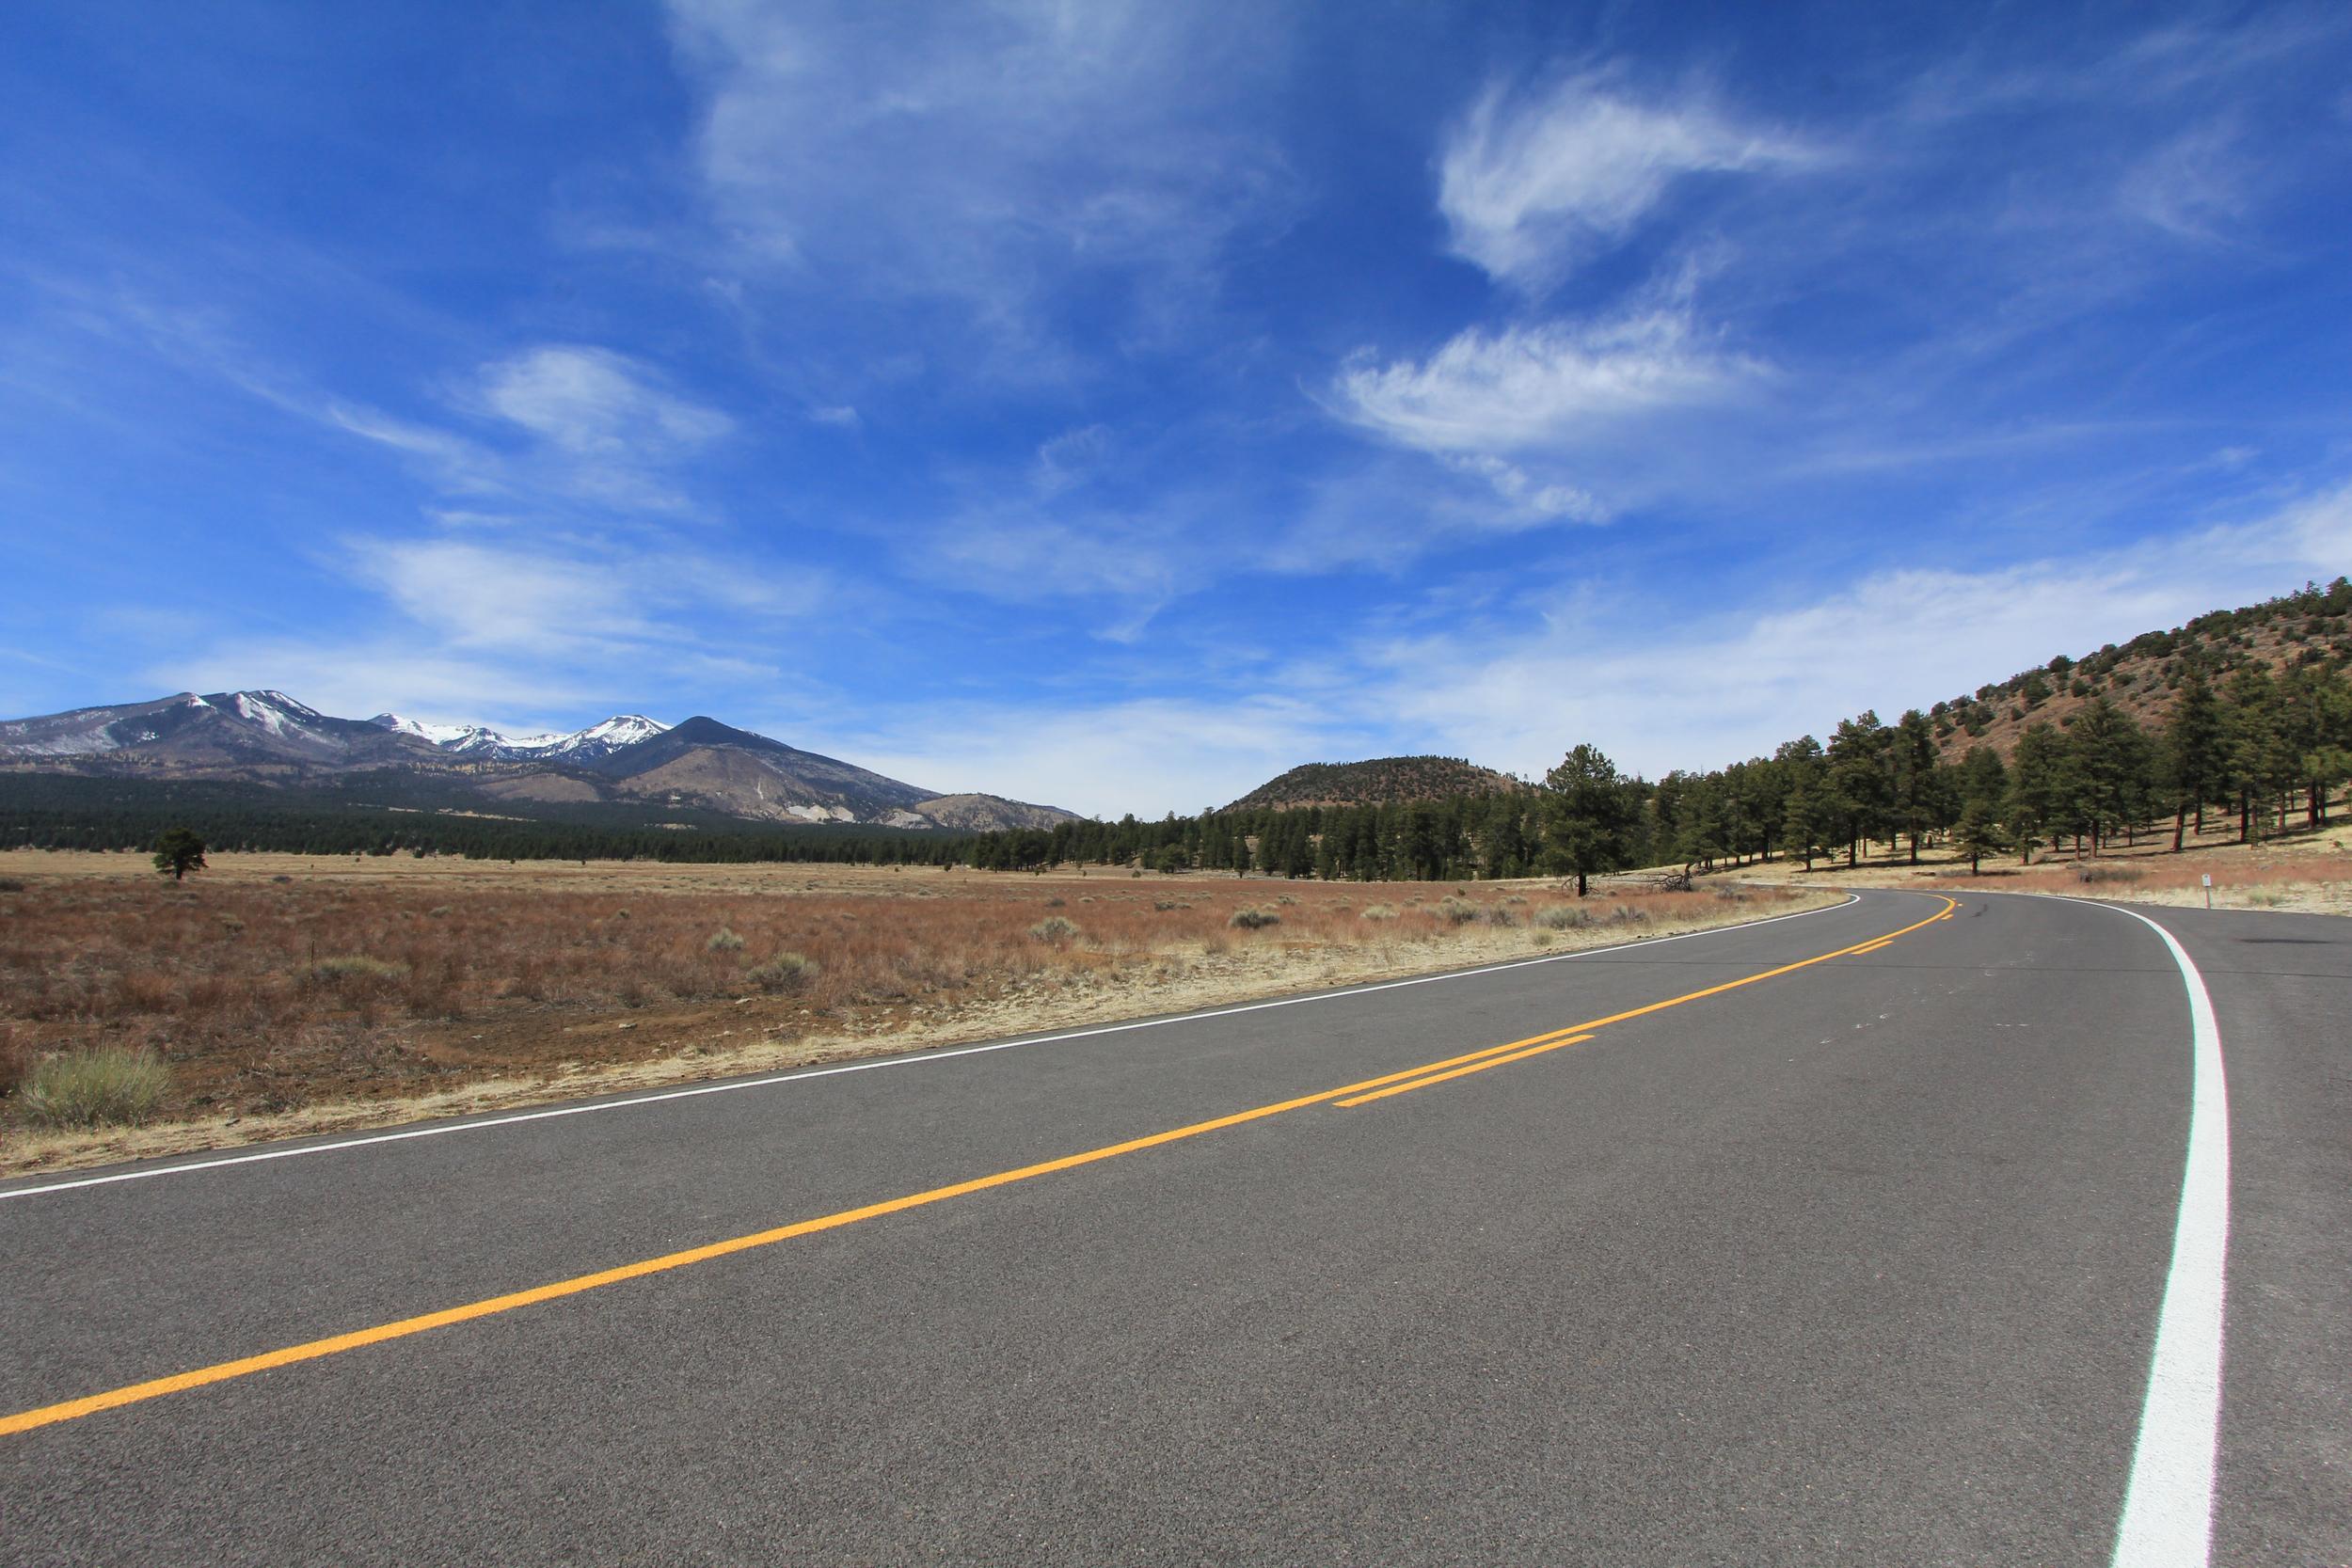 crater mountain, Arizona, Jon Courville Photography